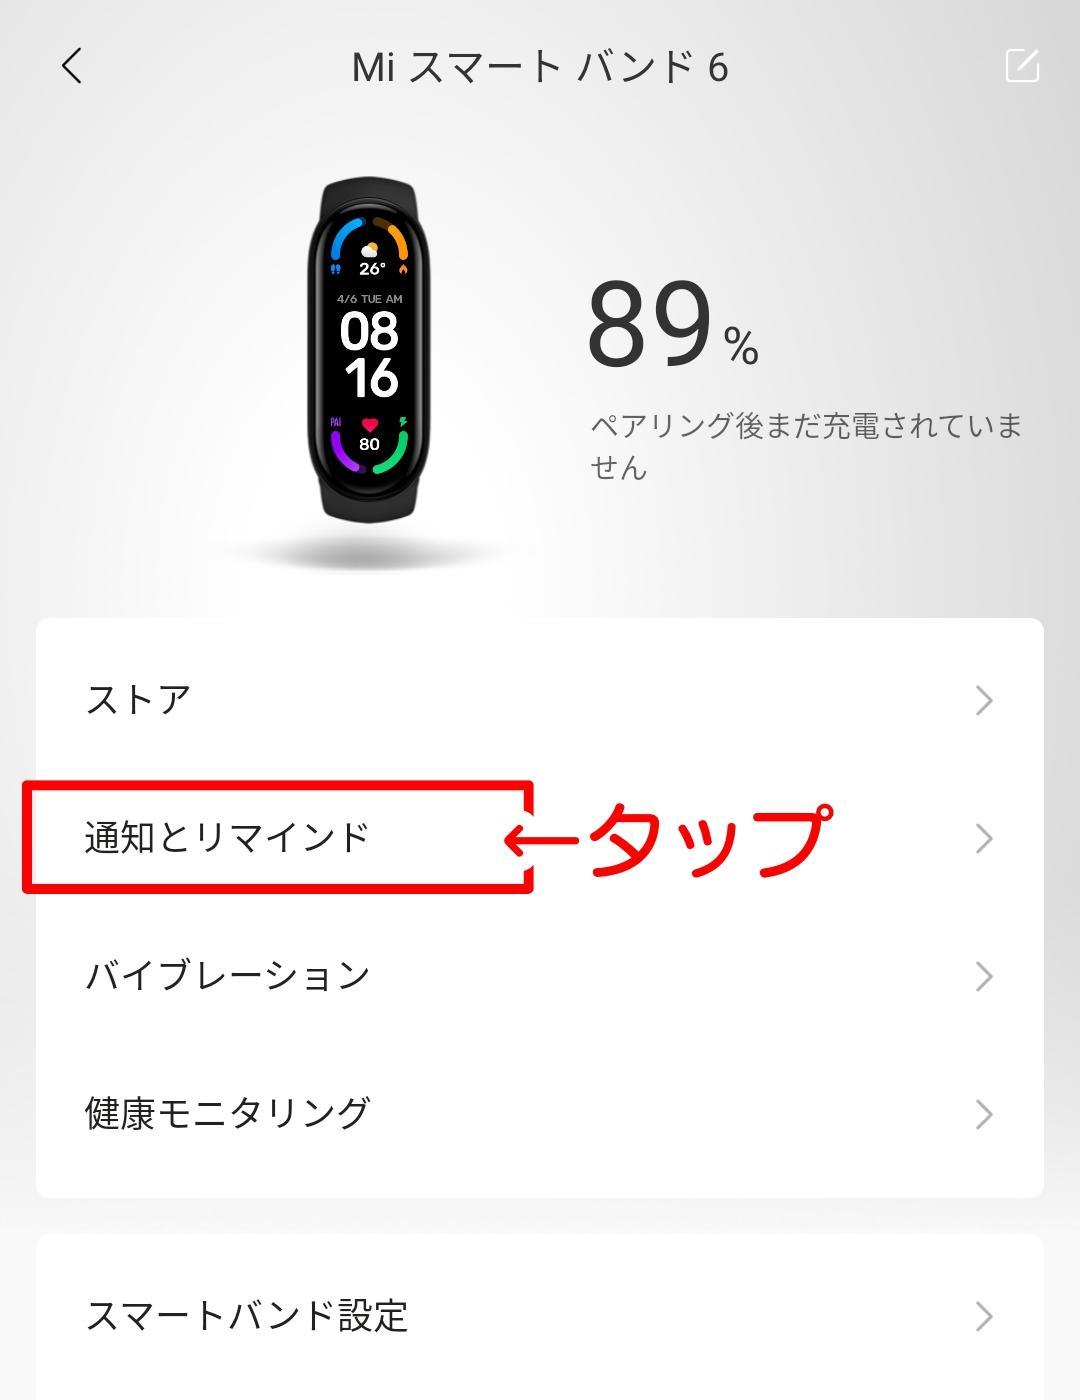 Mi Smart Band 6では「通知とリマインドをタップ」します